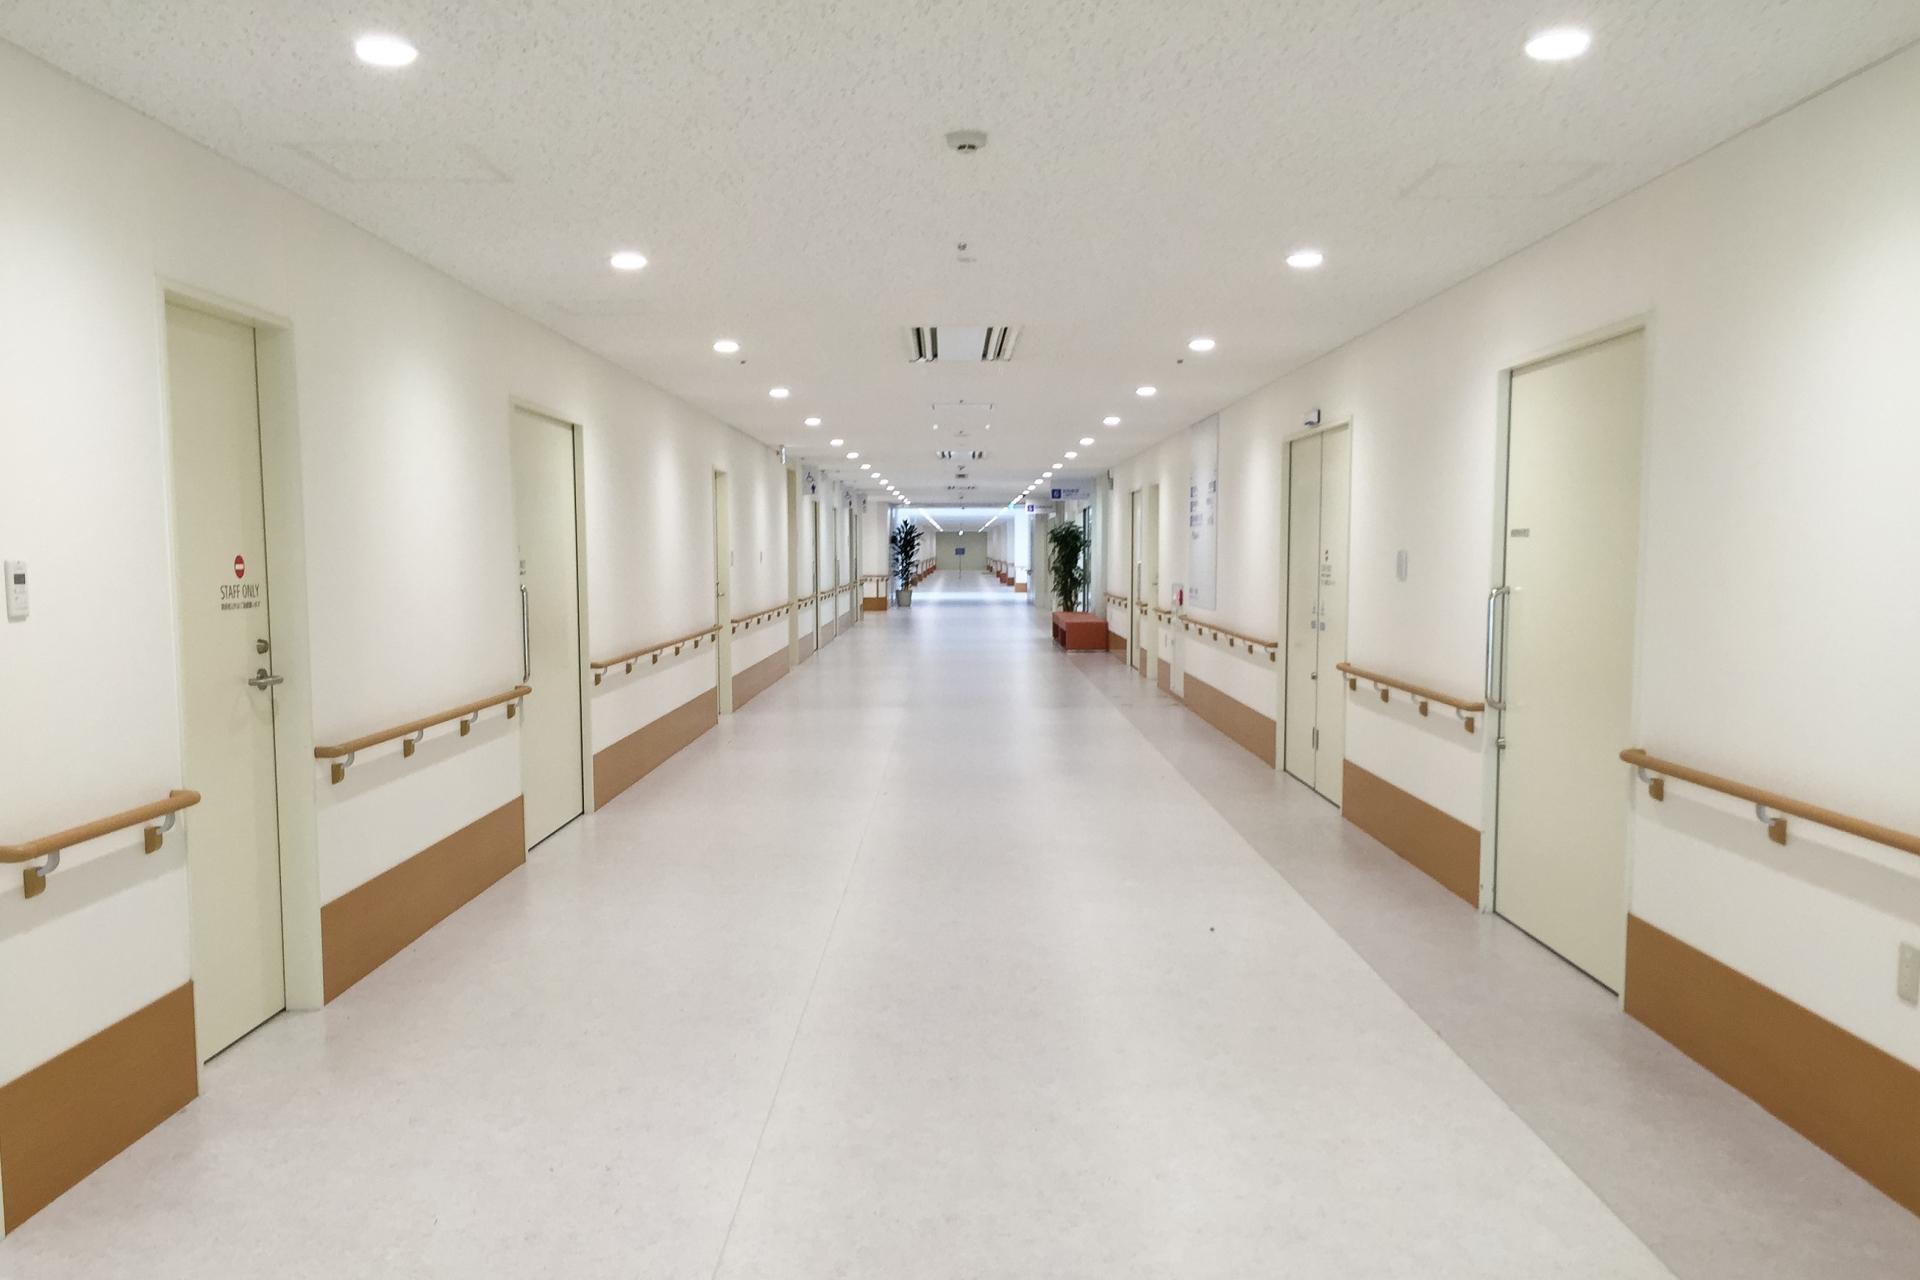 病院施設内